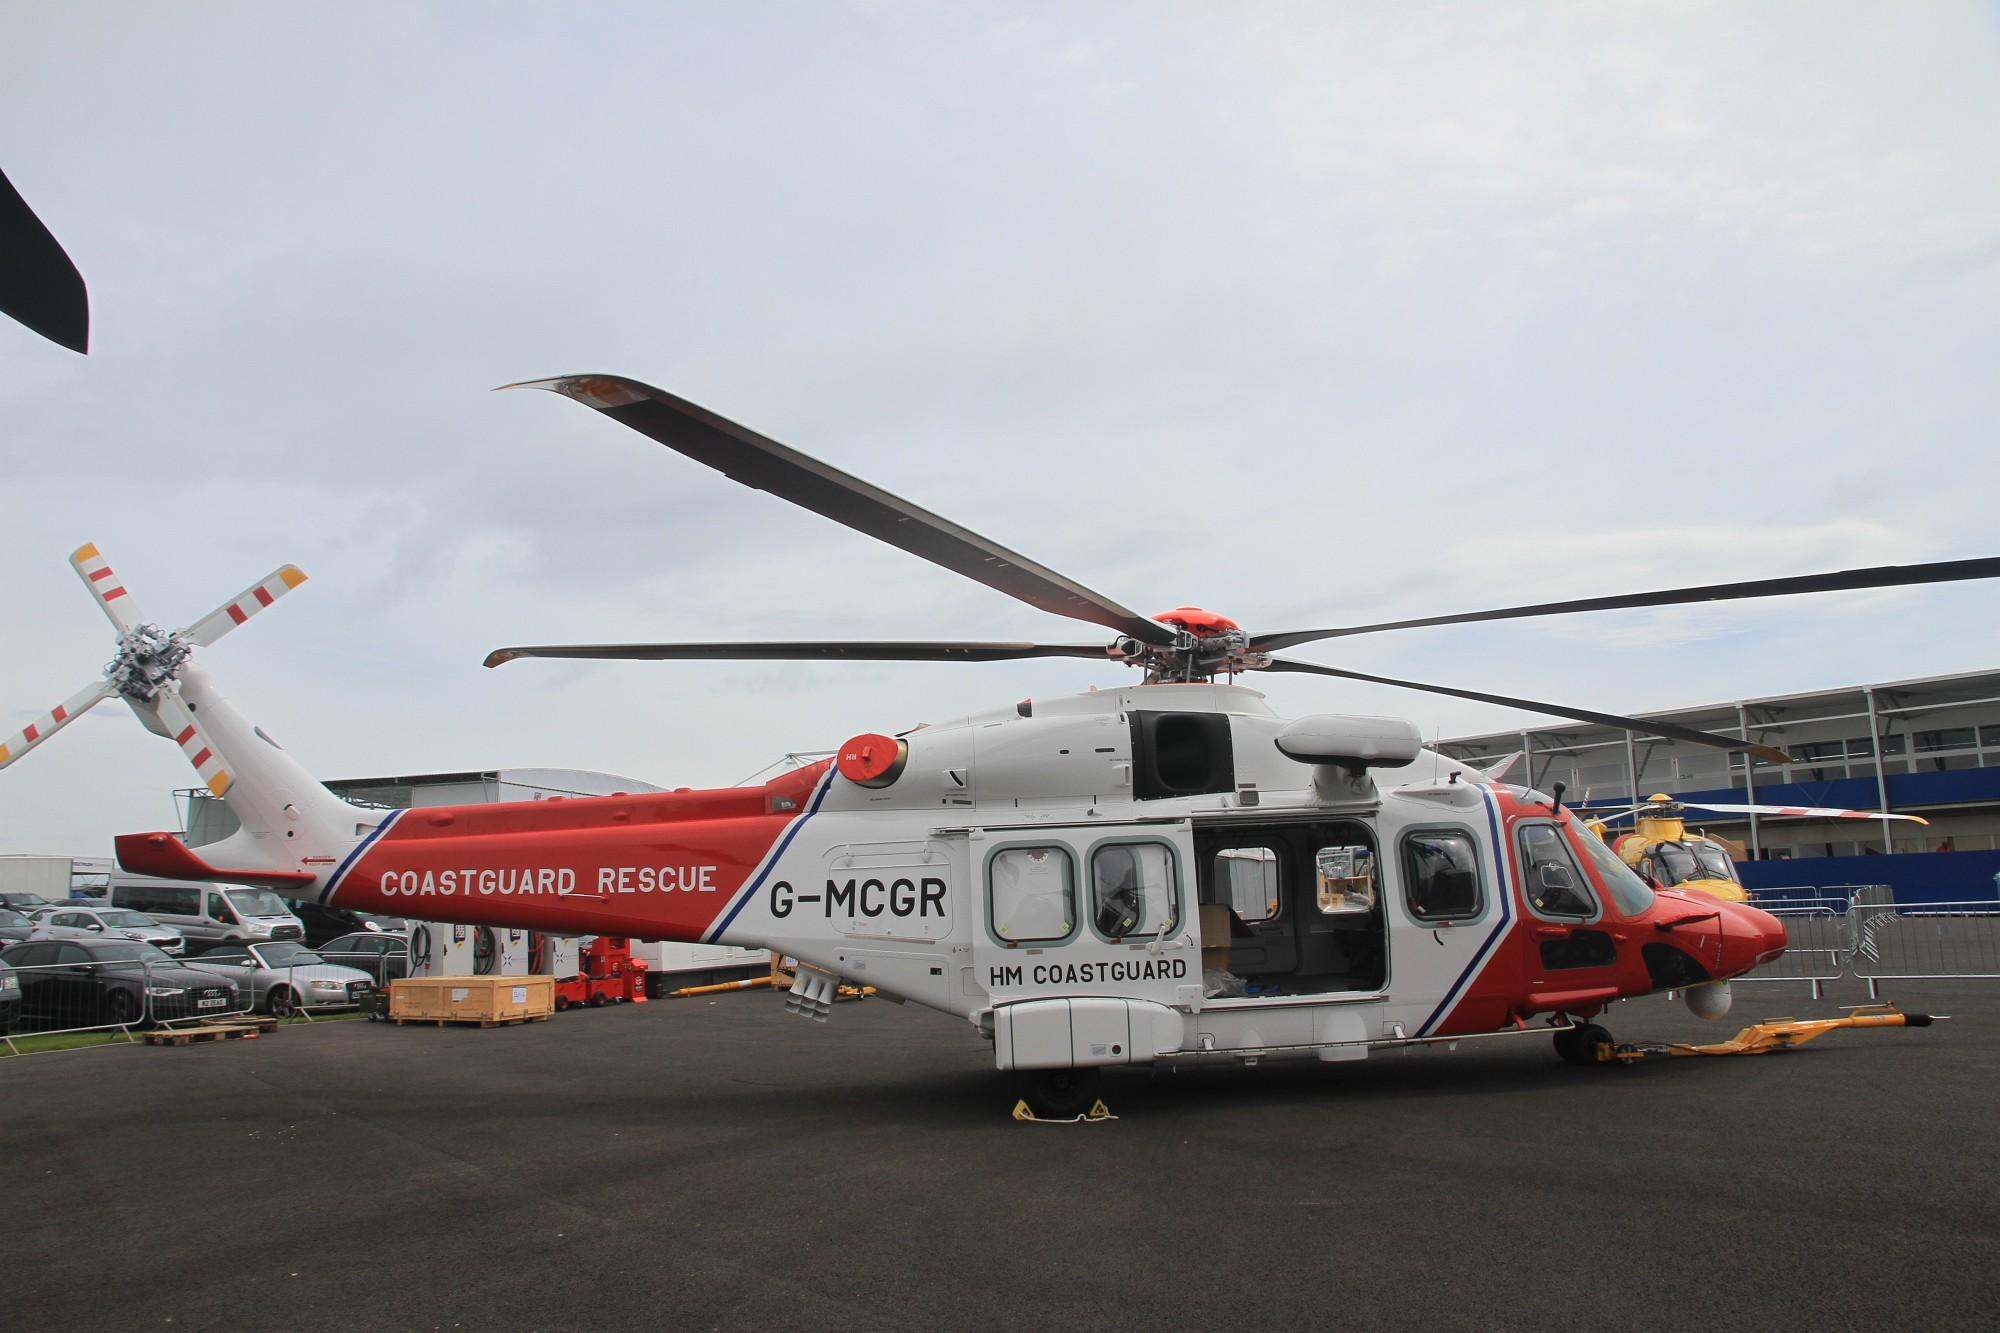 Новый поисково-спасательный вертолет Leonardo-Finmeccanica Helicopter (ранее AgustaWestland) AW189 британской службы поиска и спасения (организуемой компанией Bristow Helicopters). Фарнборо, 09.07.2016.